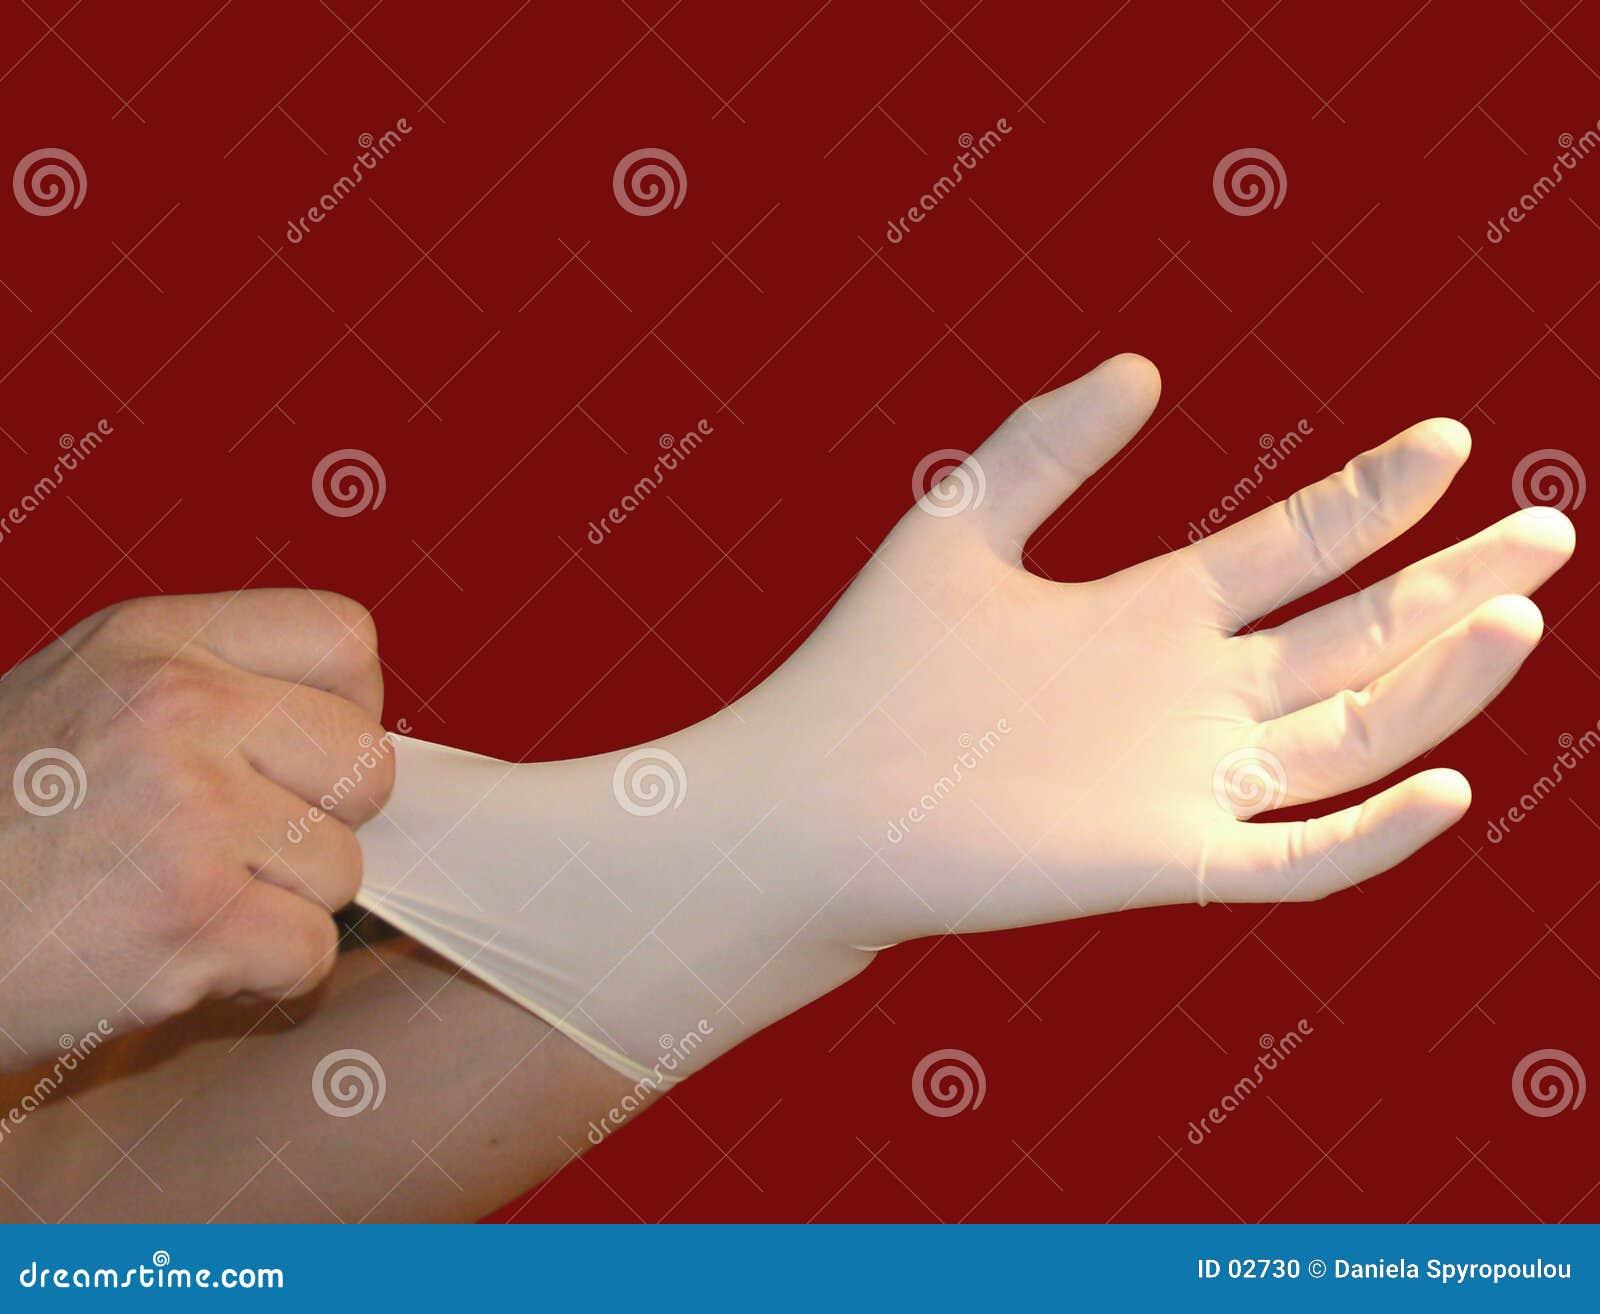 Medicinska handskar